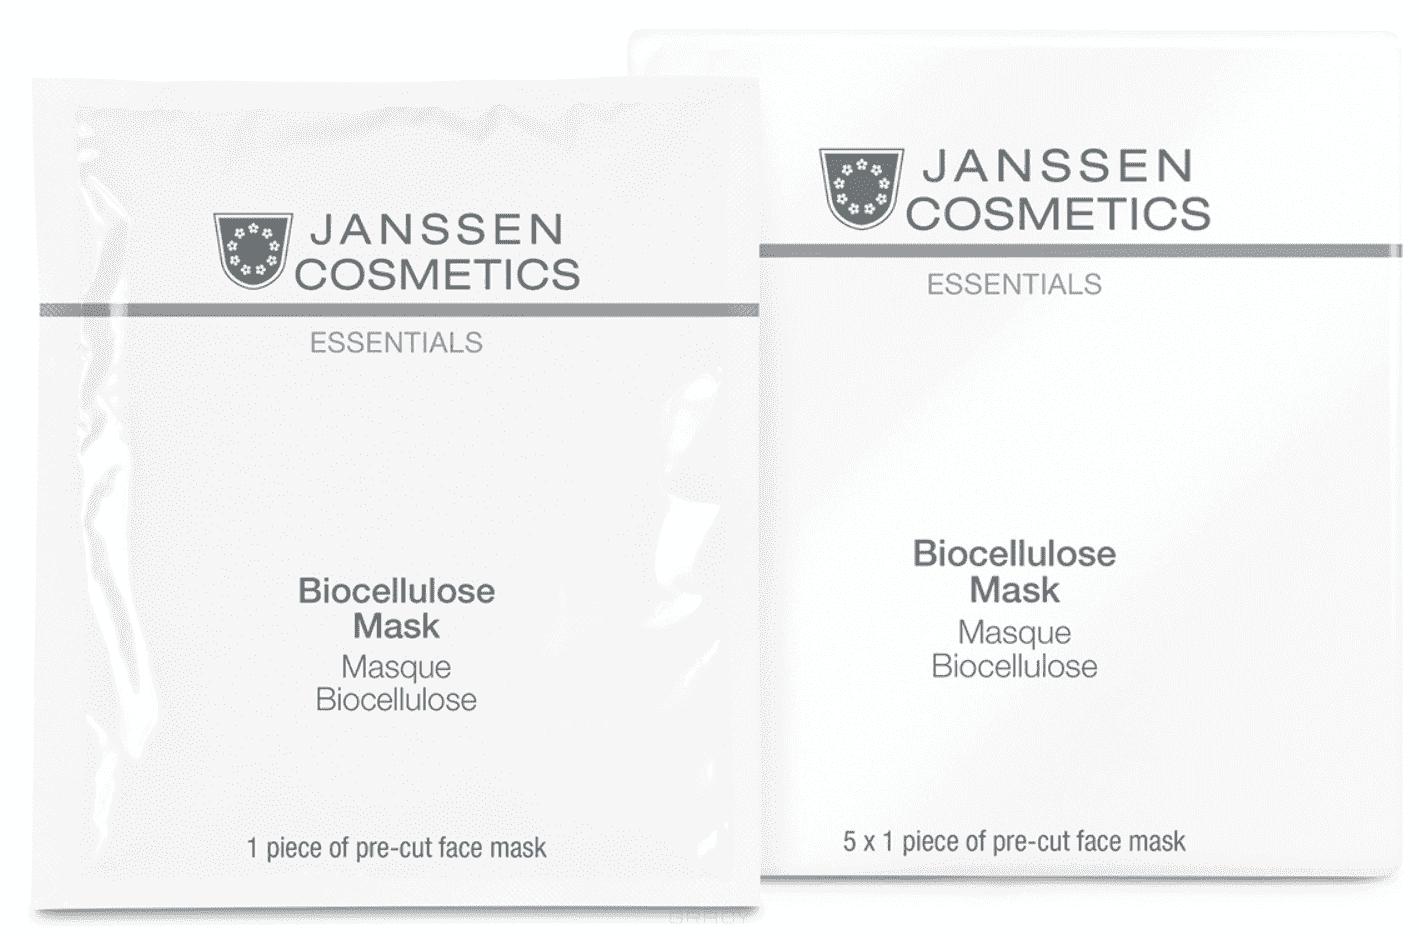 Janssen Интенсивно-увлажняющая лифтинг маска Biocellulose Mask, 1 шт janssen tropic power матригель лифтинг маска с экстрактами тропических фруктов 2 желтых круга